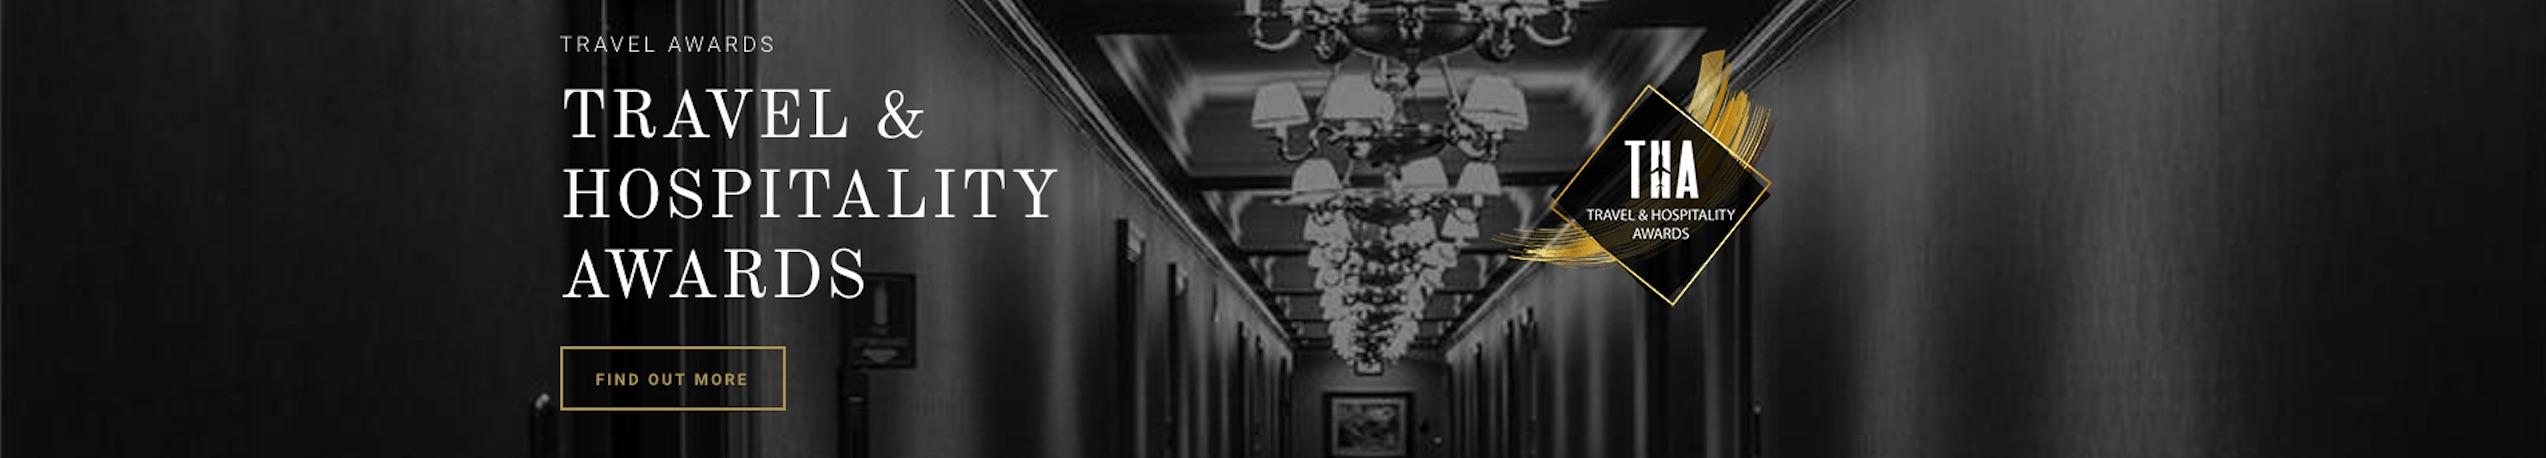 Travel-Hospitality-Awards-header